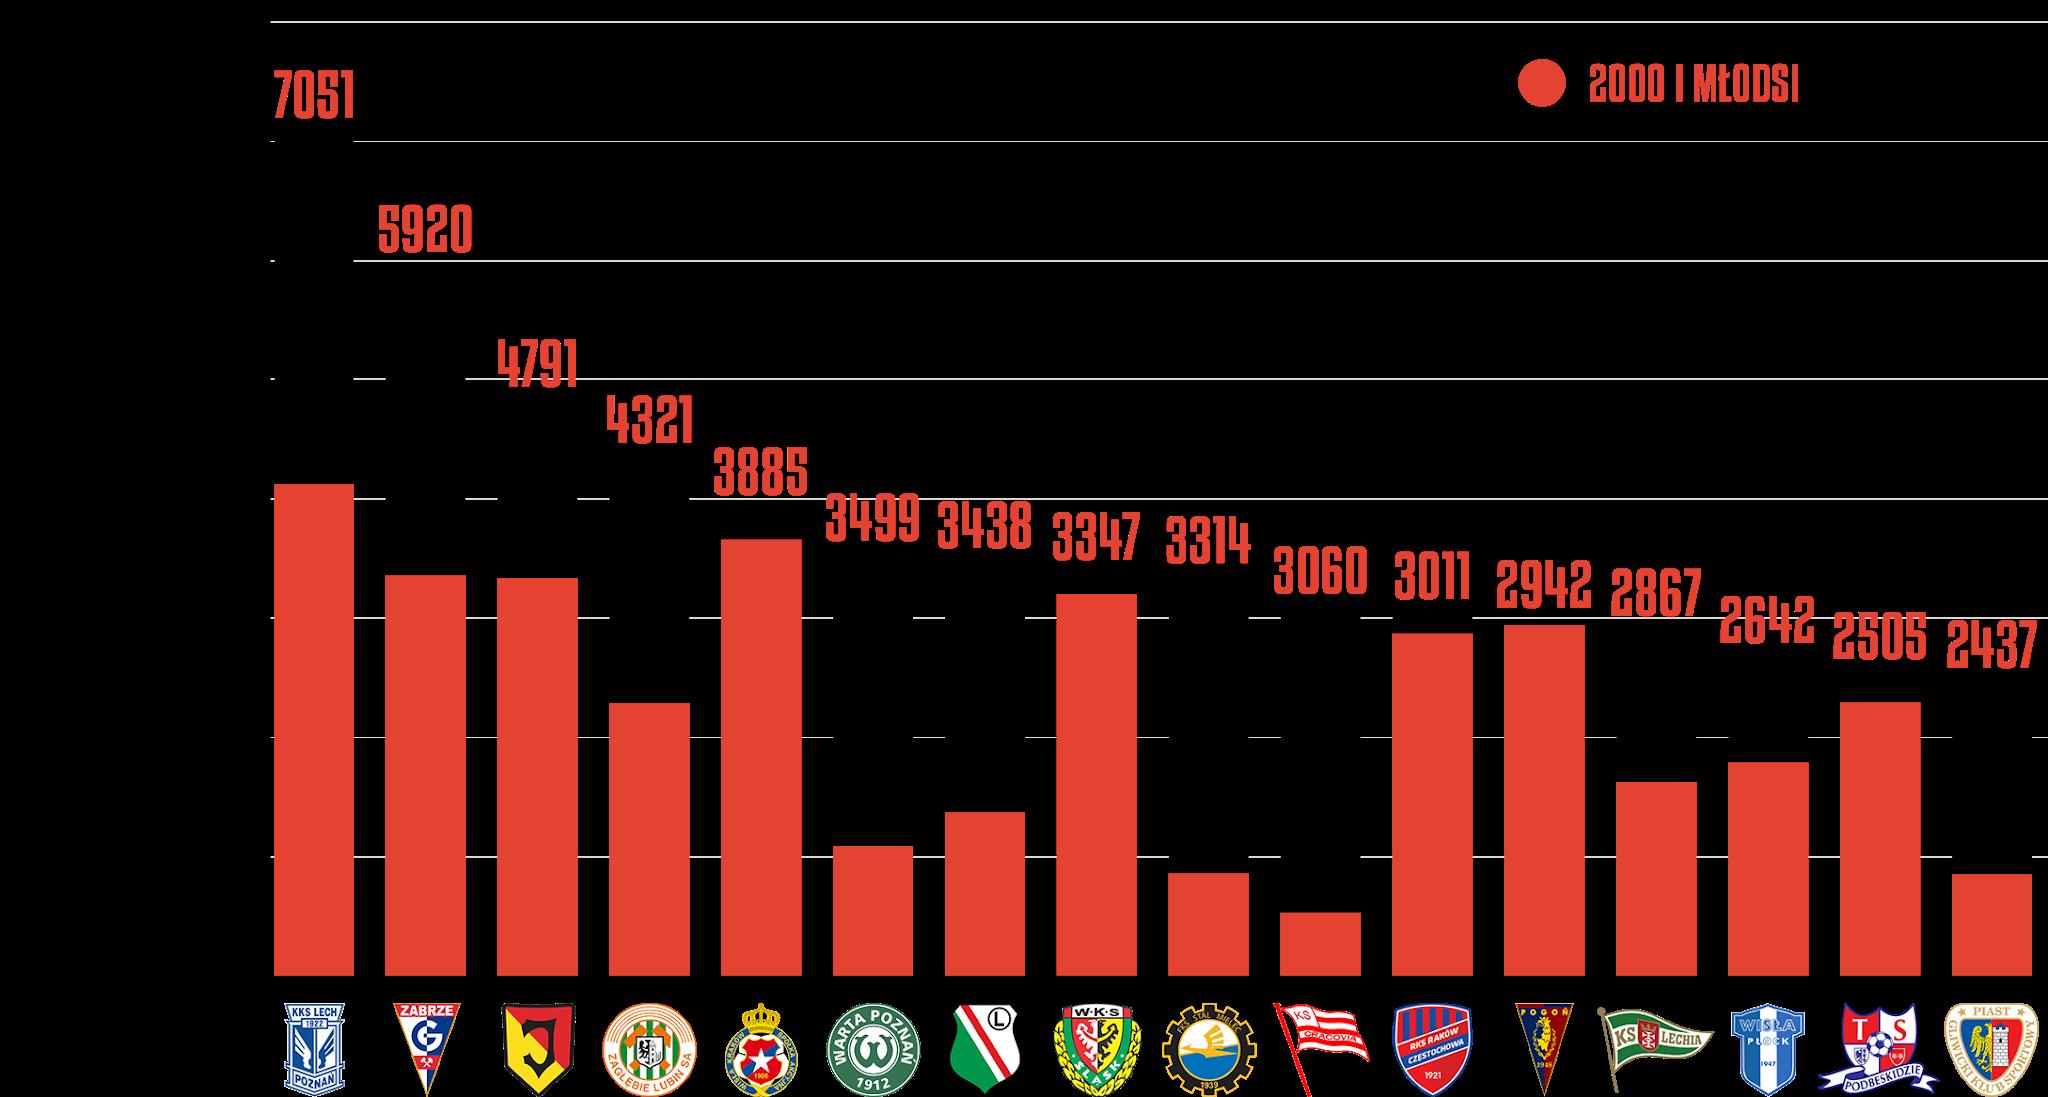 Klasyfikacja klubów pod względem rozegranego czasu przez młodzieżowców po27kolejkach PKO Ekstraklasy<br><br>Źródło: Opracowanie własne na podstawie ekstrastats.pl<br><br>graf. Bartosz Urban